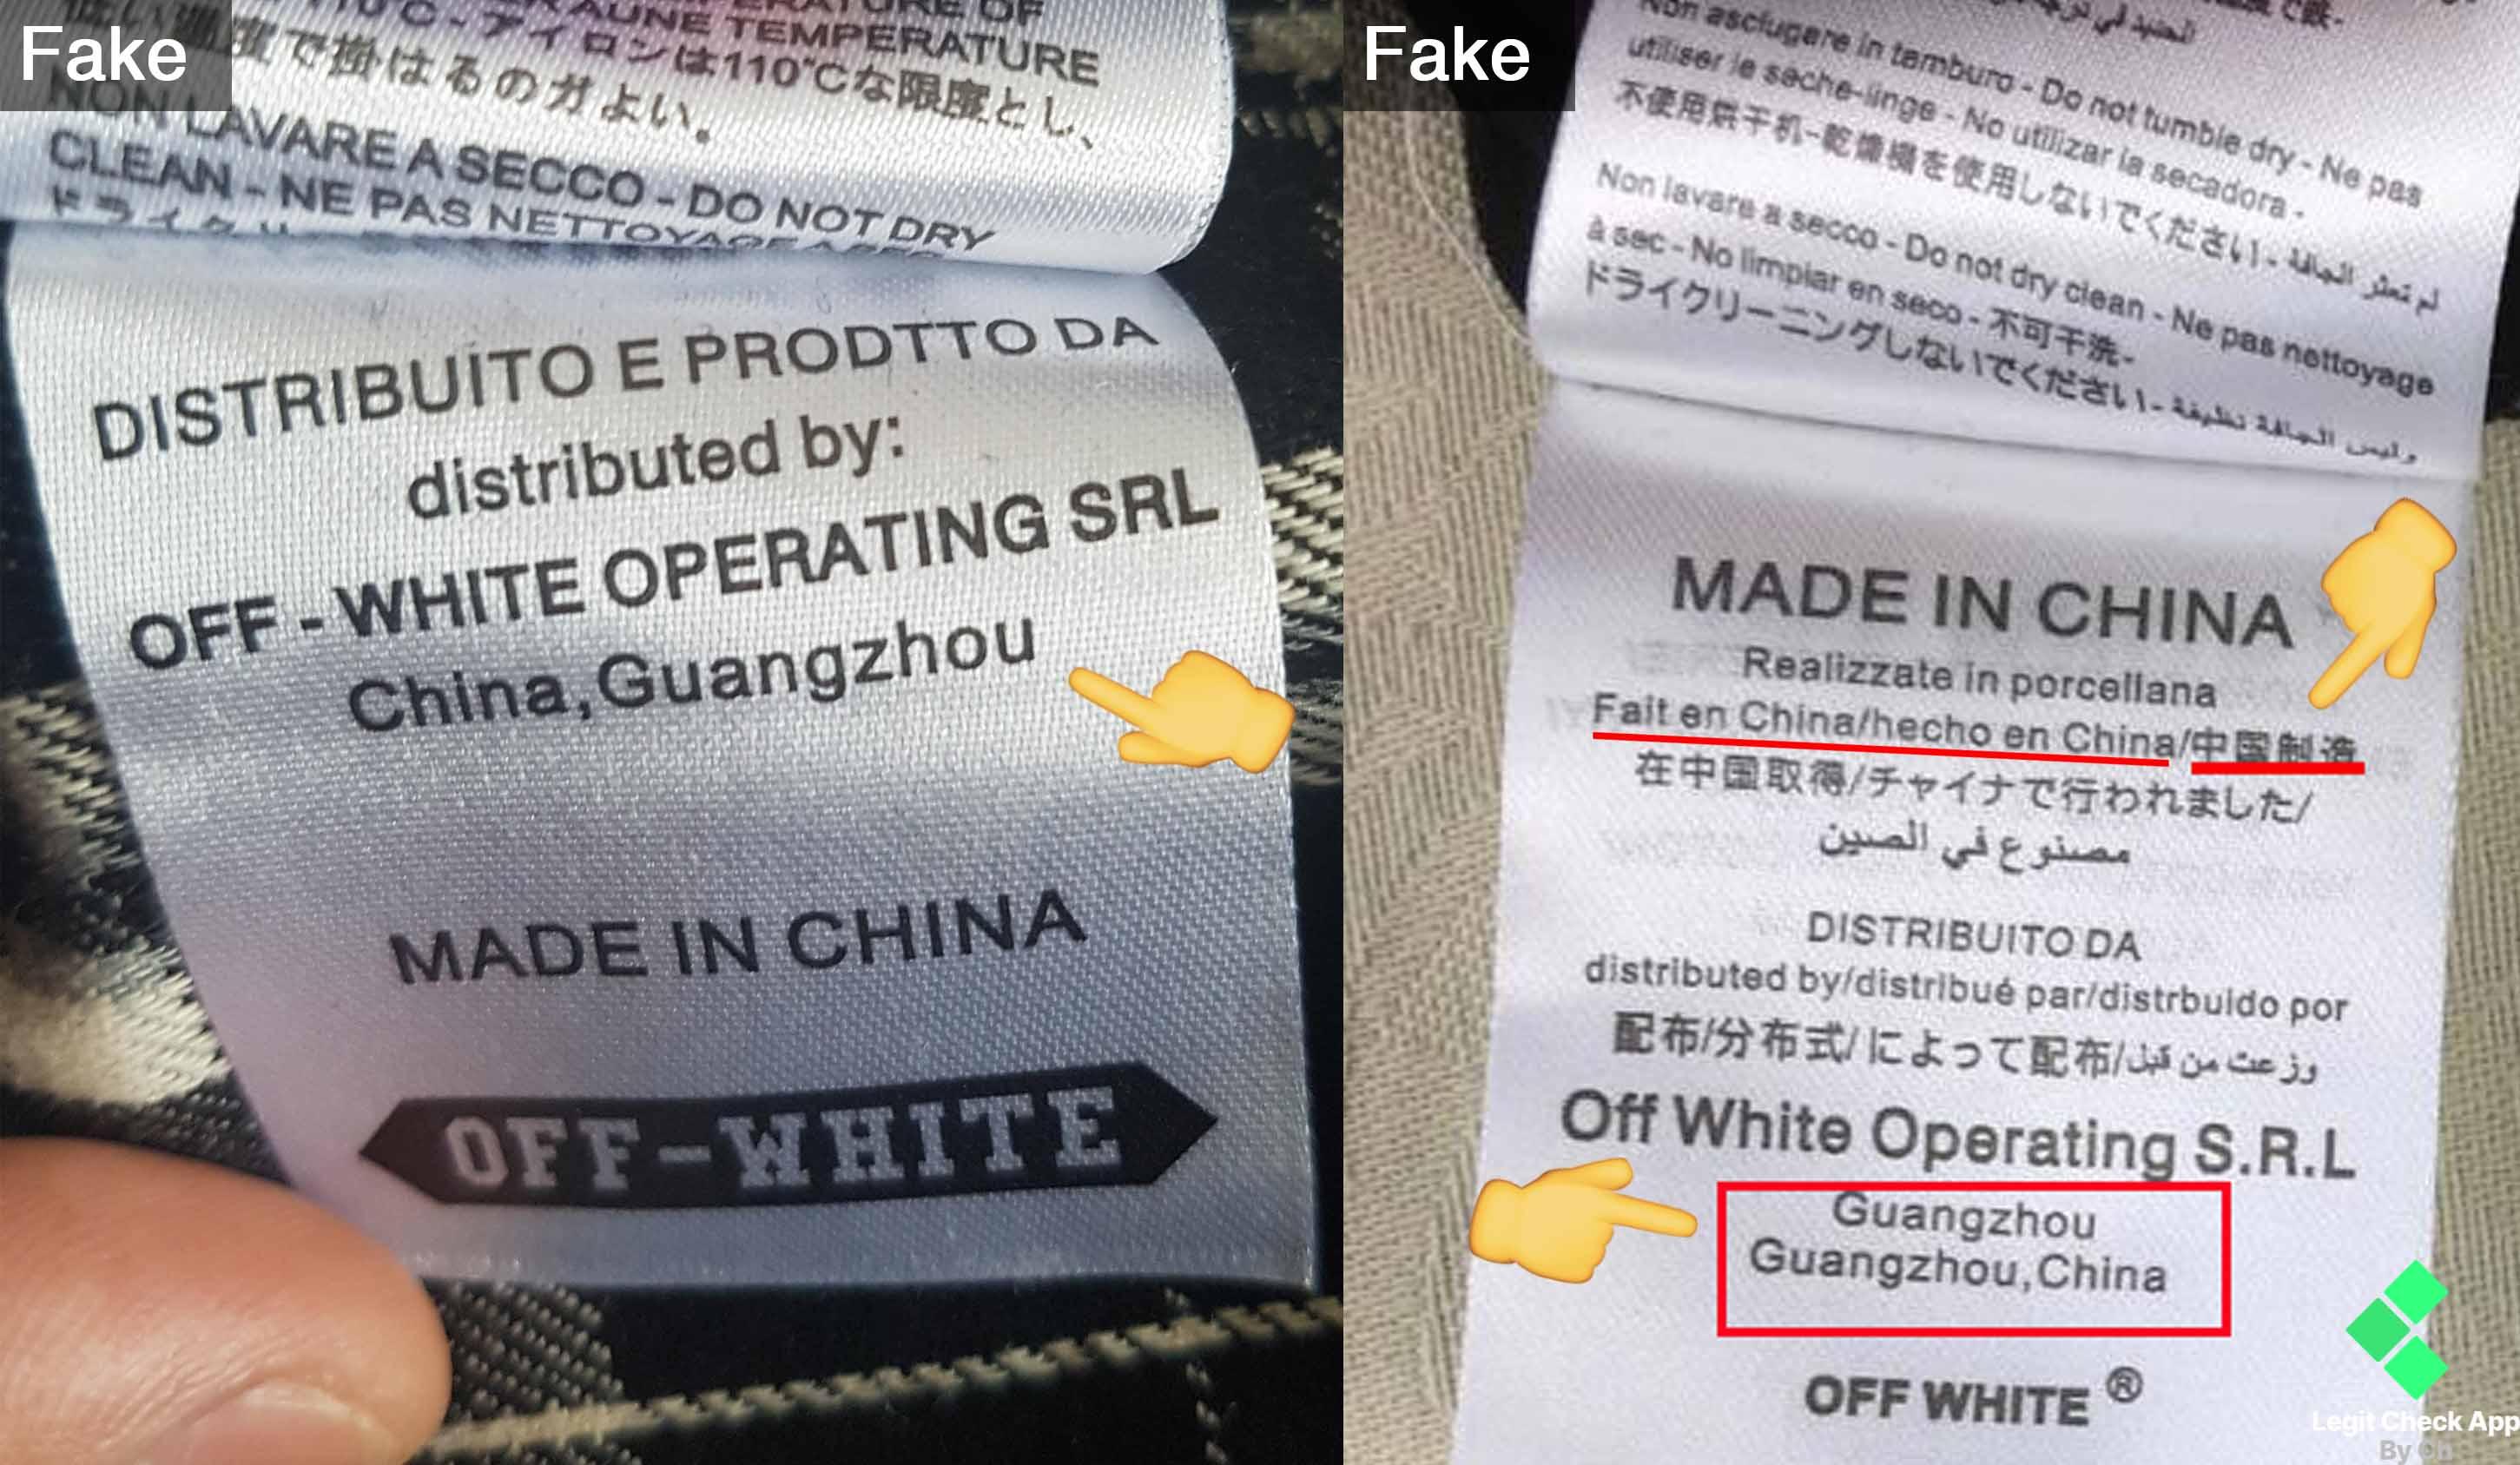 fb1f6a6e9a92 Off White Legit Check Guide: Wash Tag Fake vs Real - Legit Check App